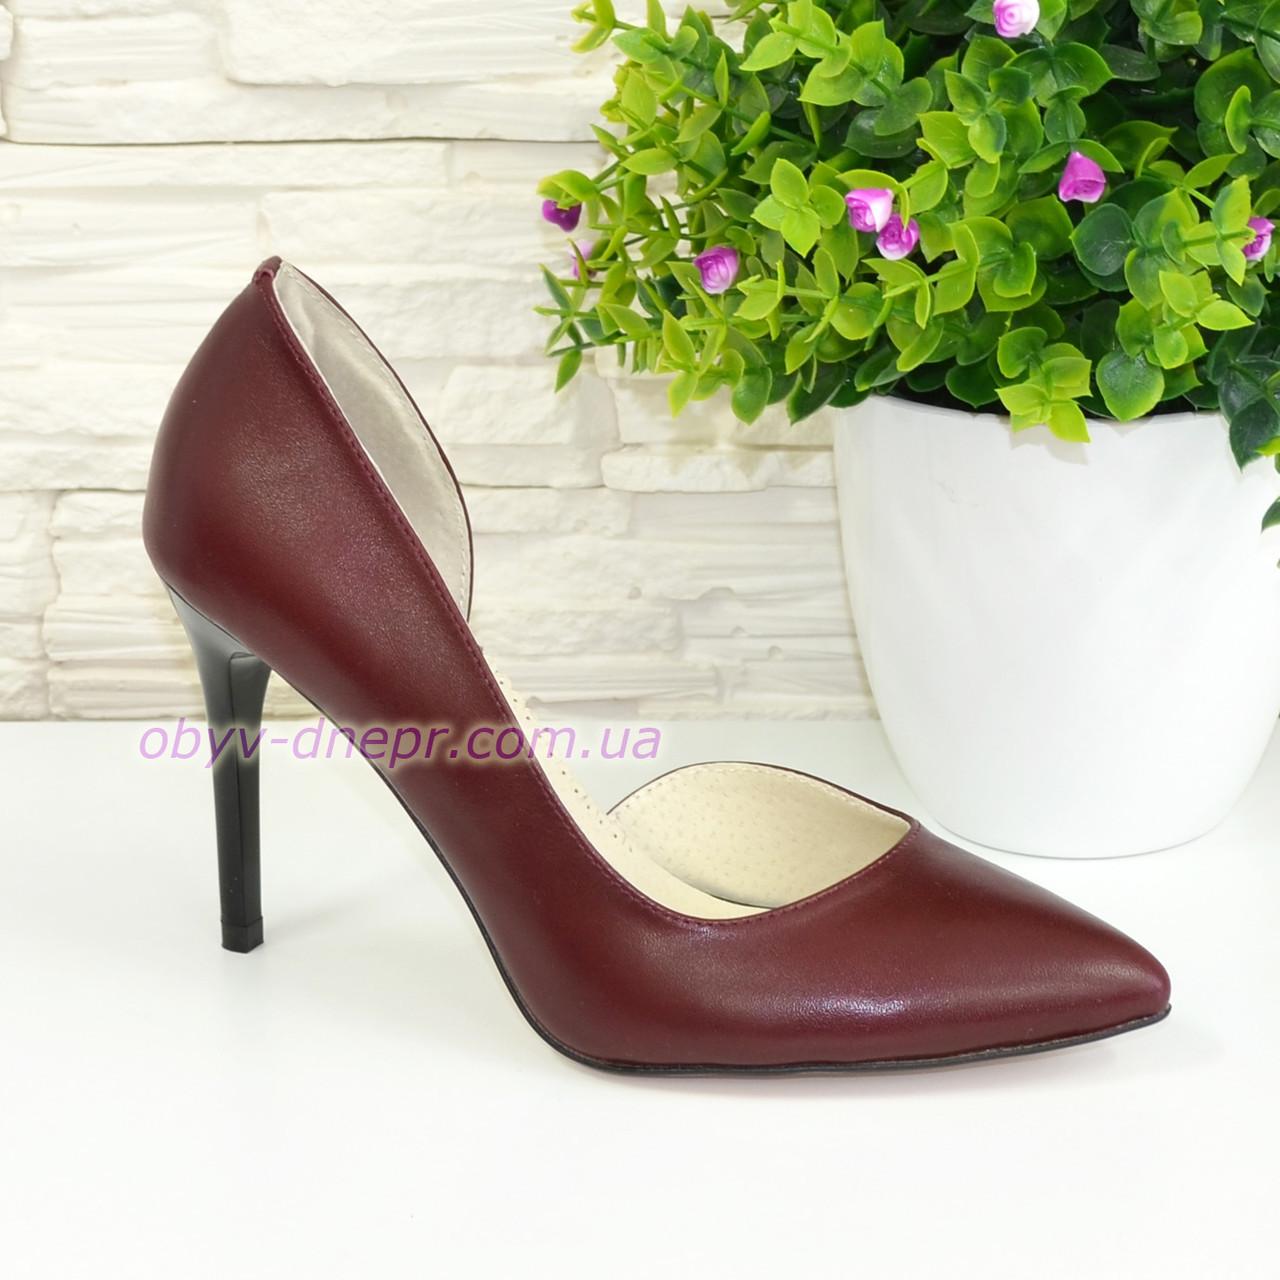 Туфли стильные женские на шпильке, натуральная кожа бордового цвета